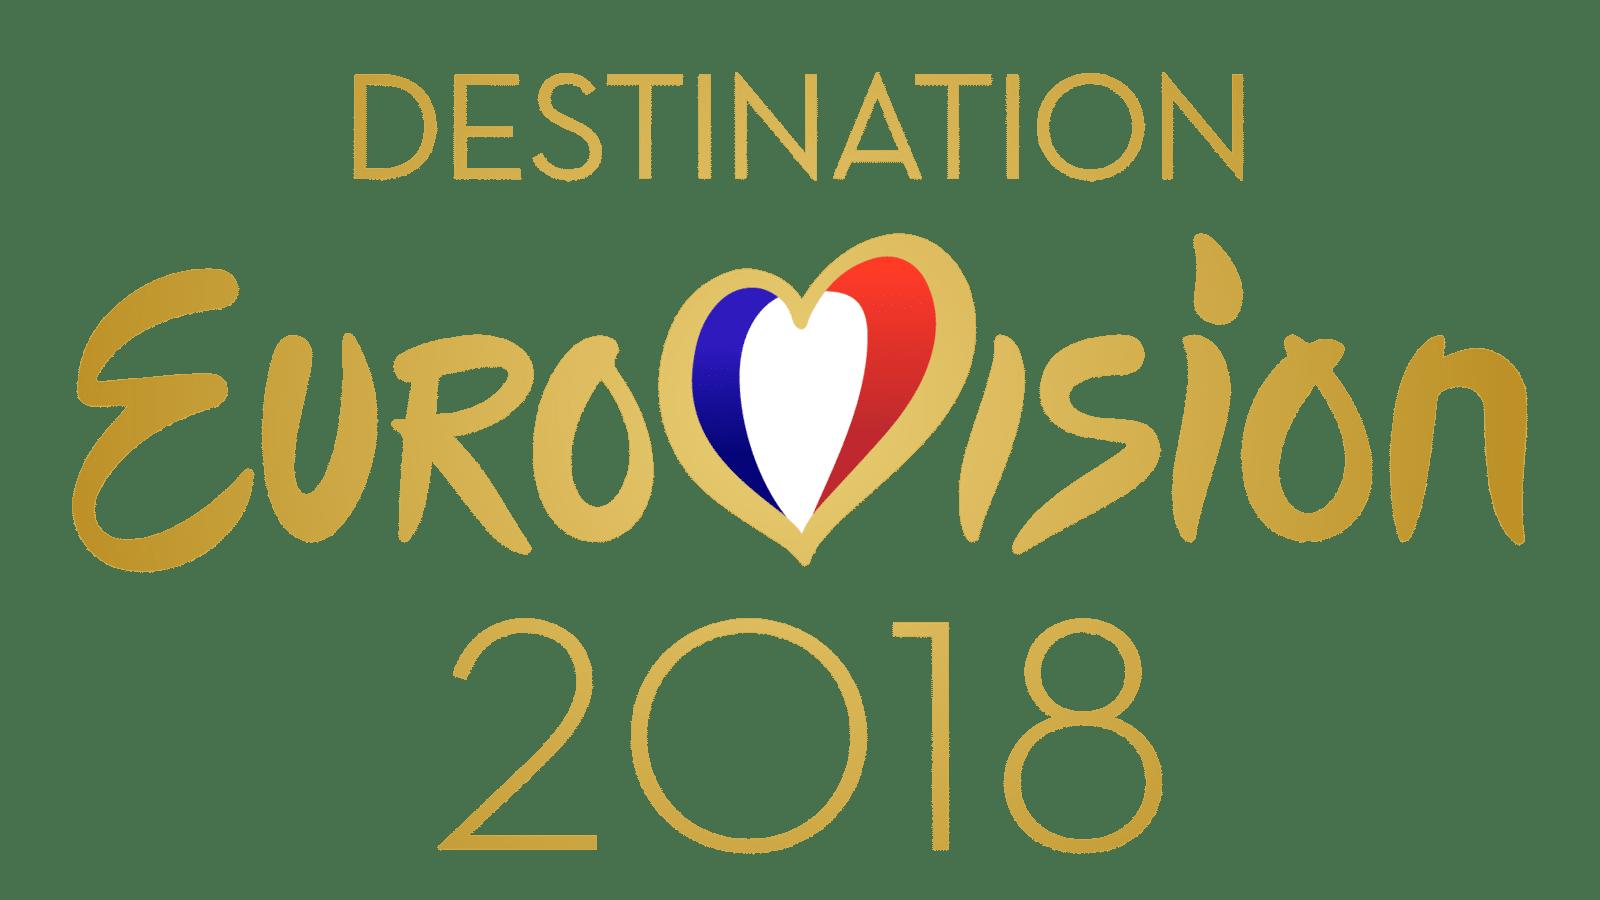 voix off destination eurovision